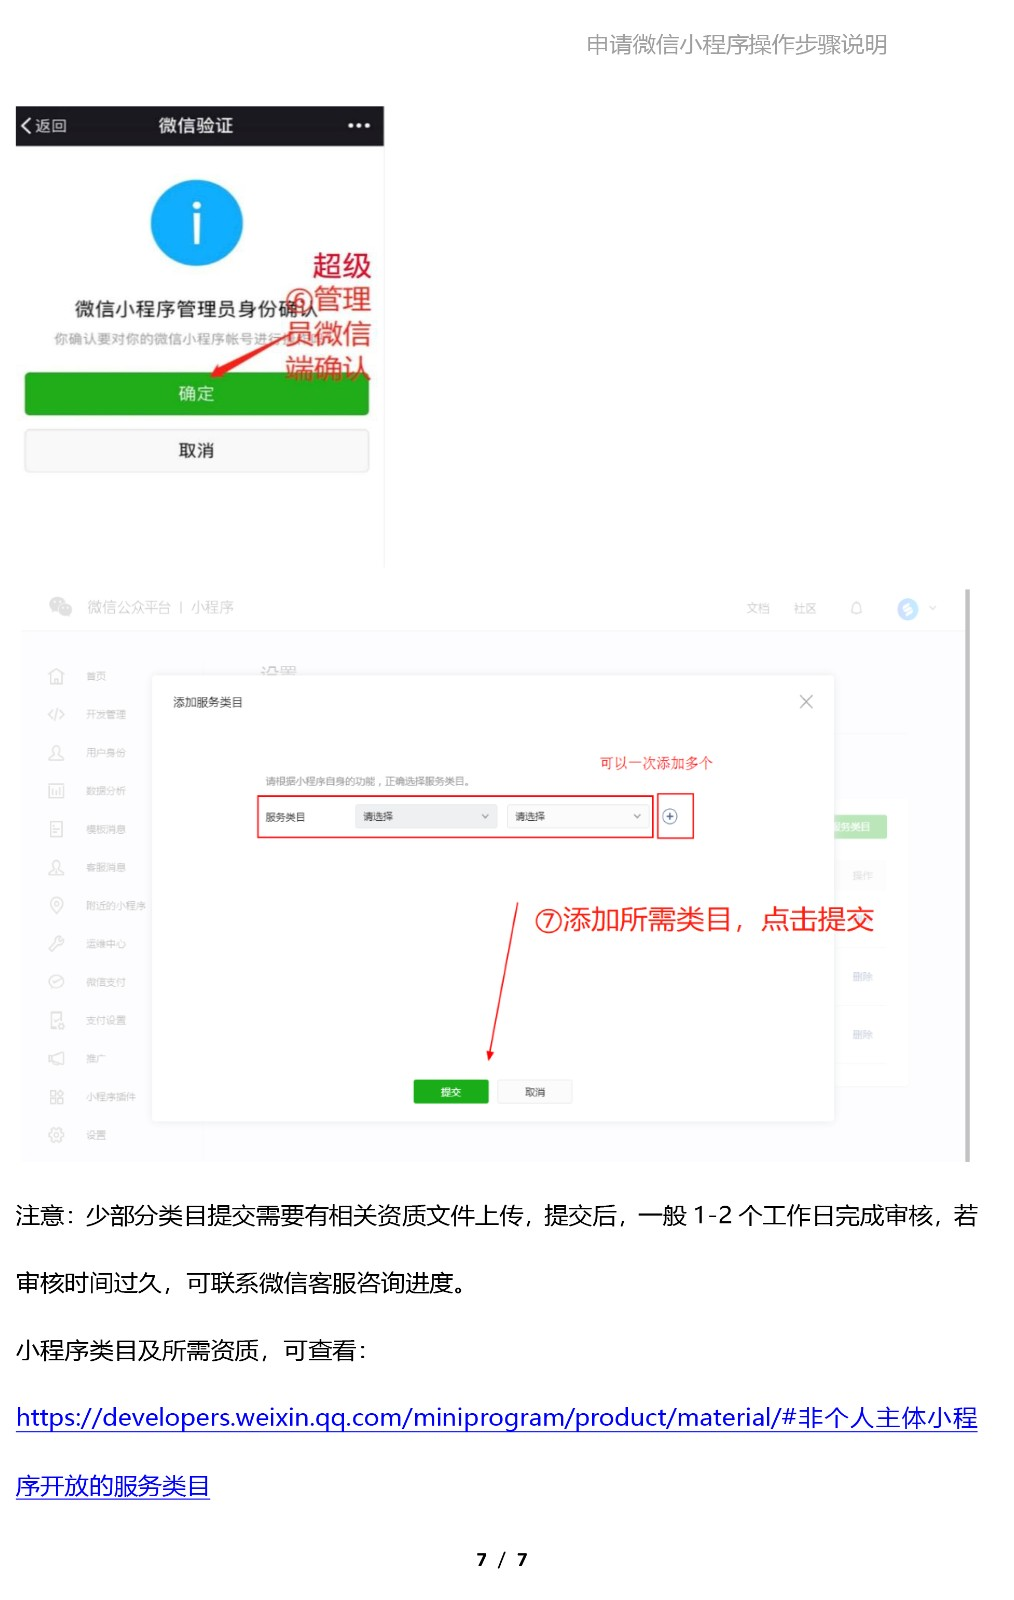 课程3附件、申请微信小程序操作步骤说明-7.jpg